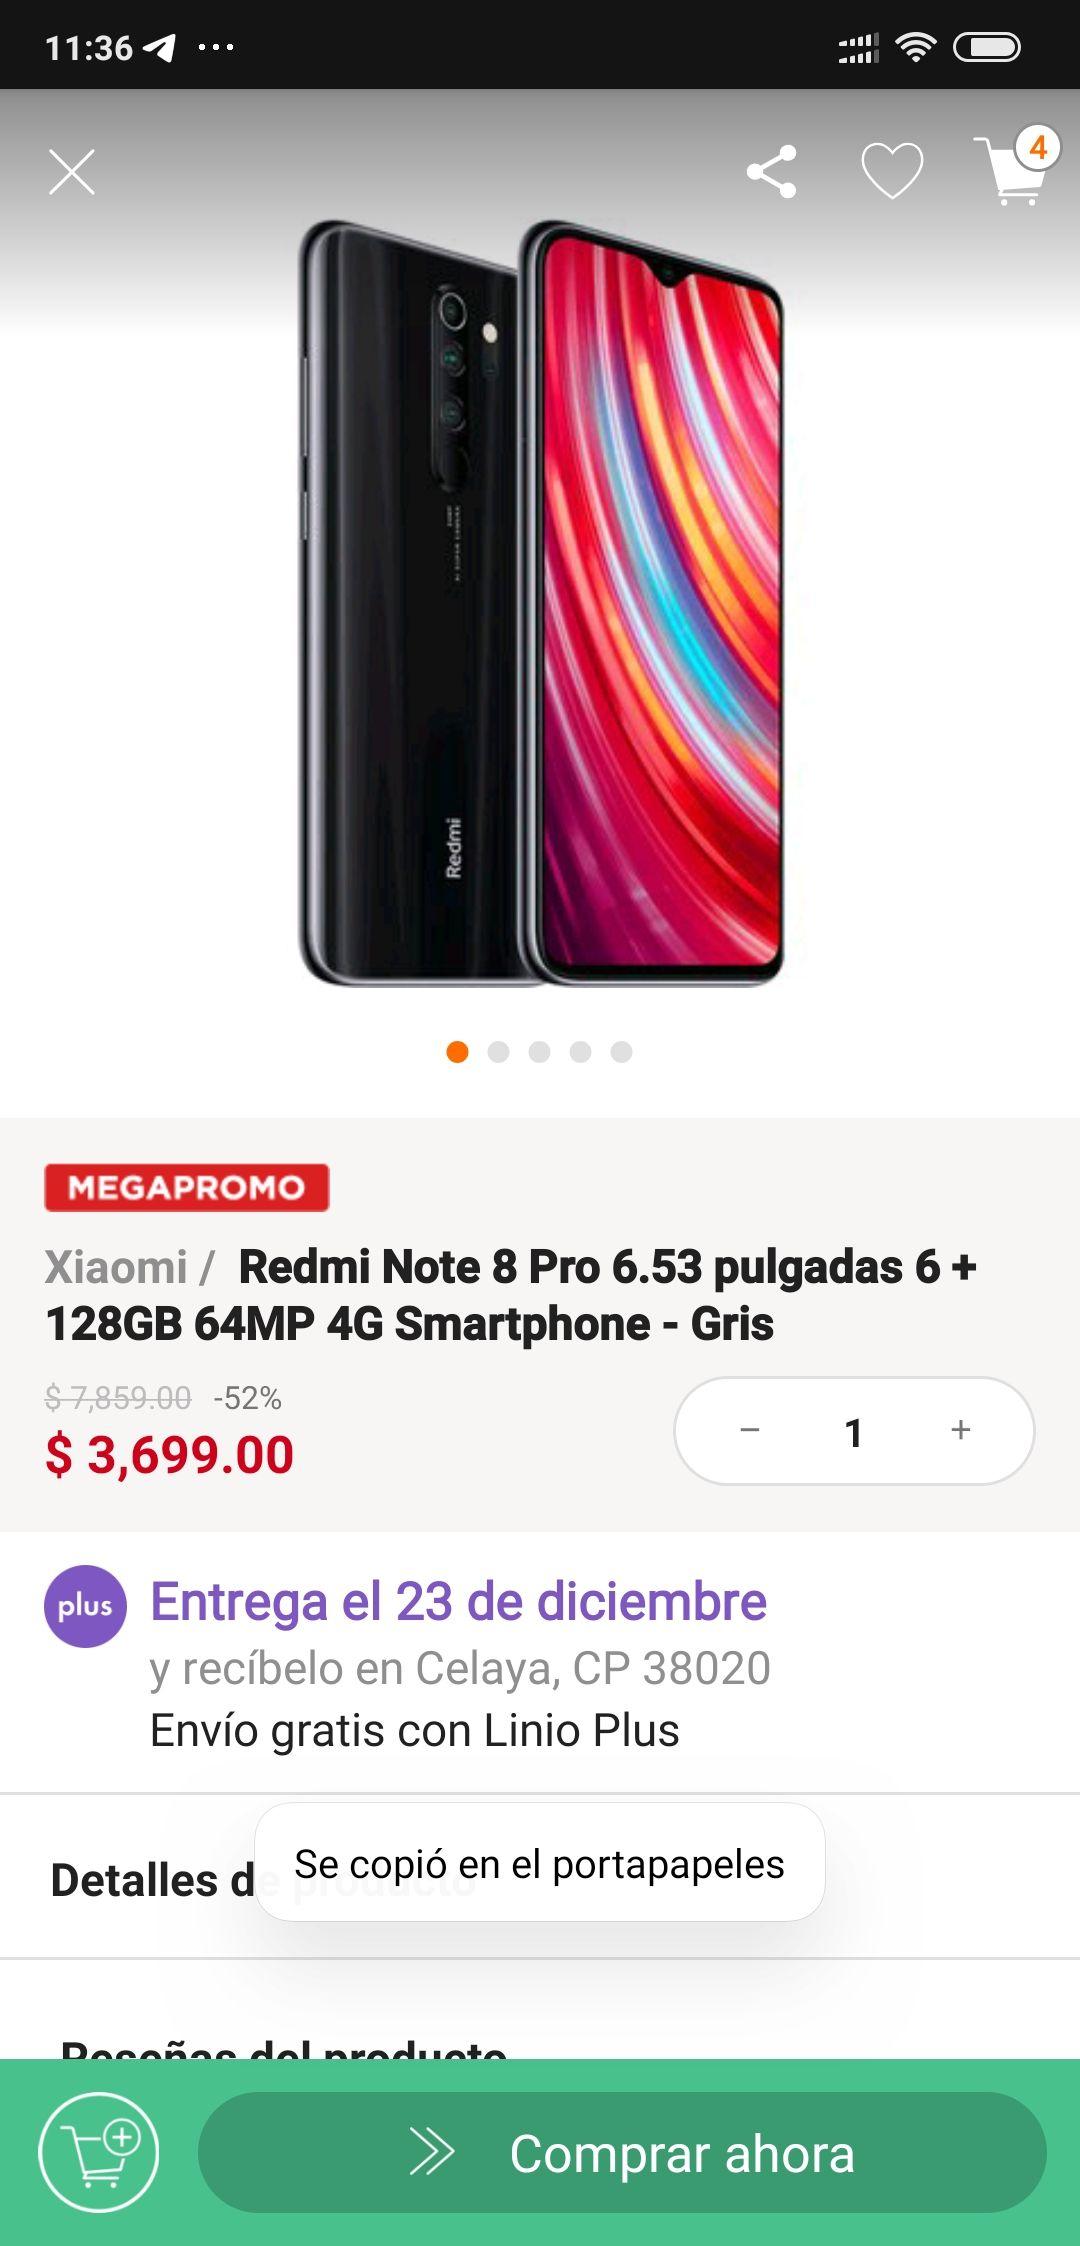 Linio: Redmi note 8 pro (pagando con Paypal)